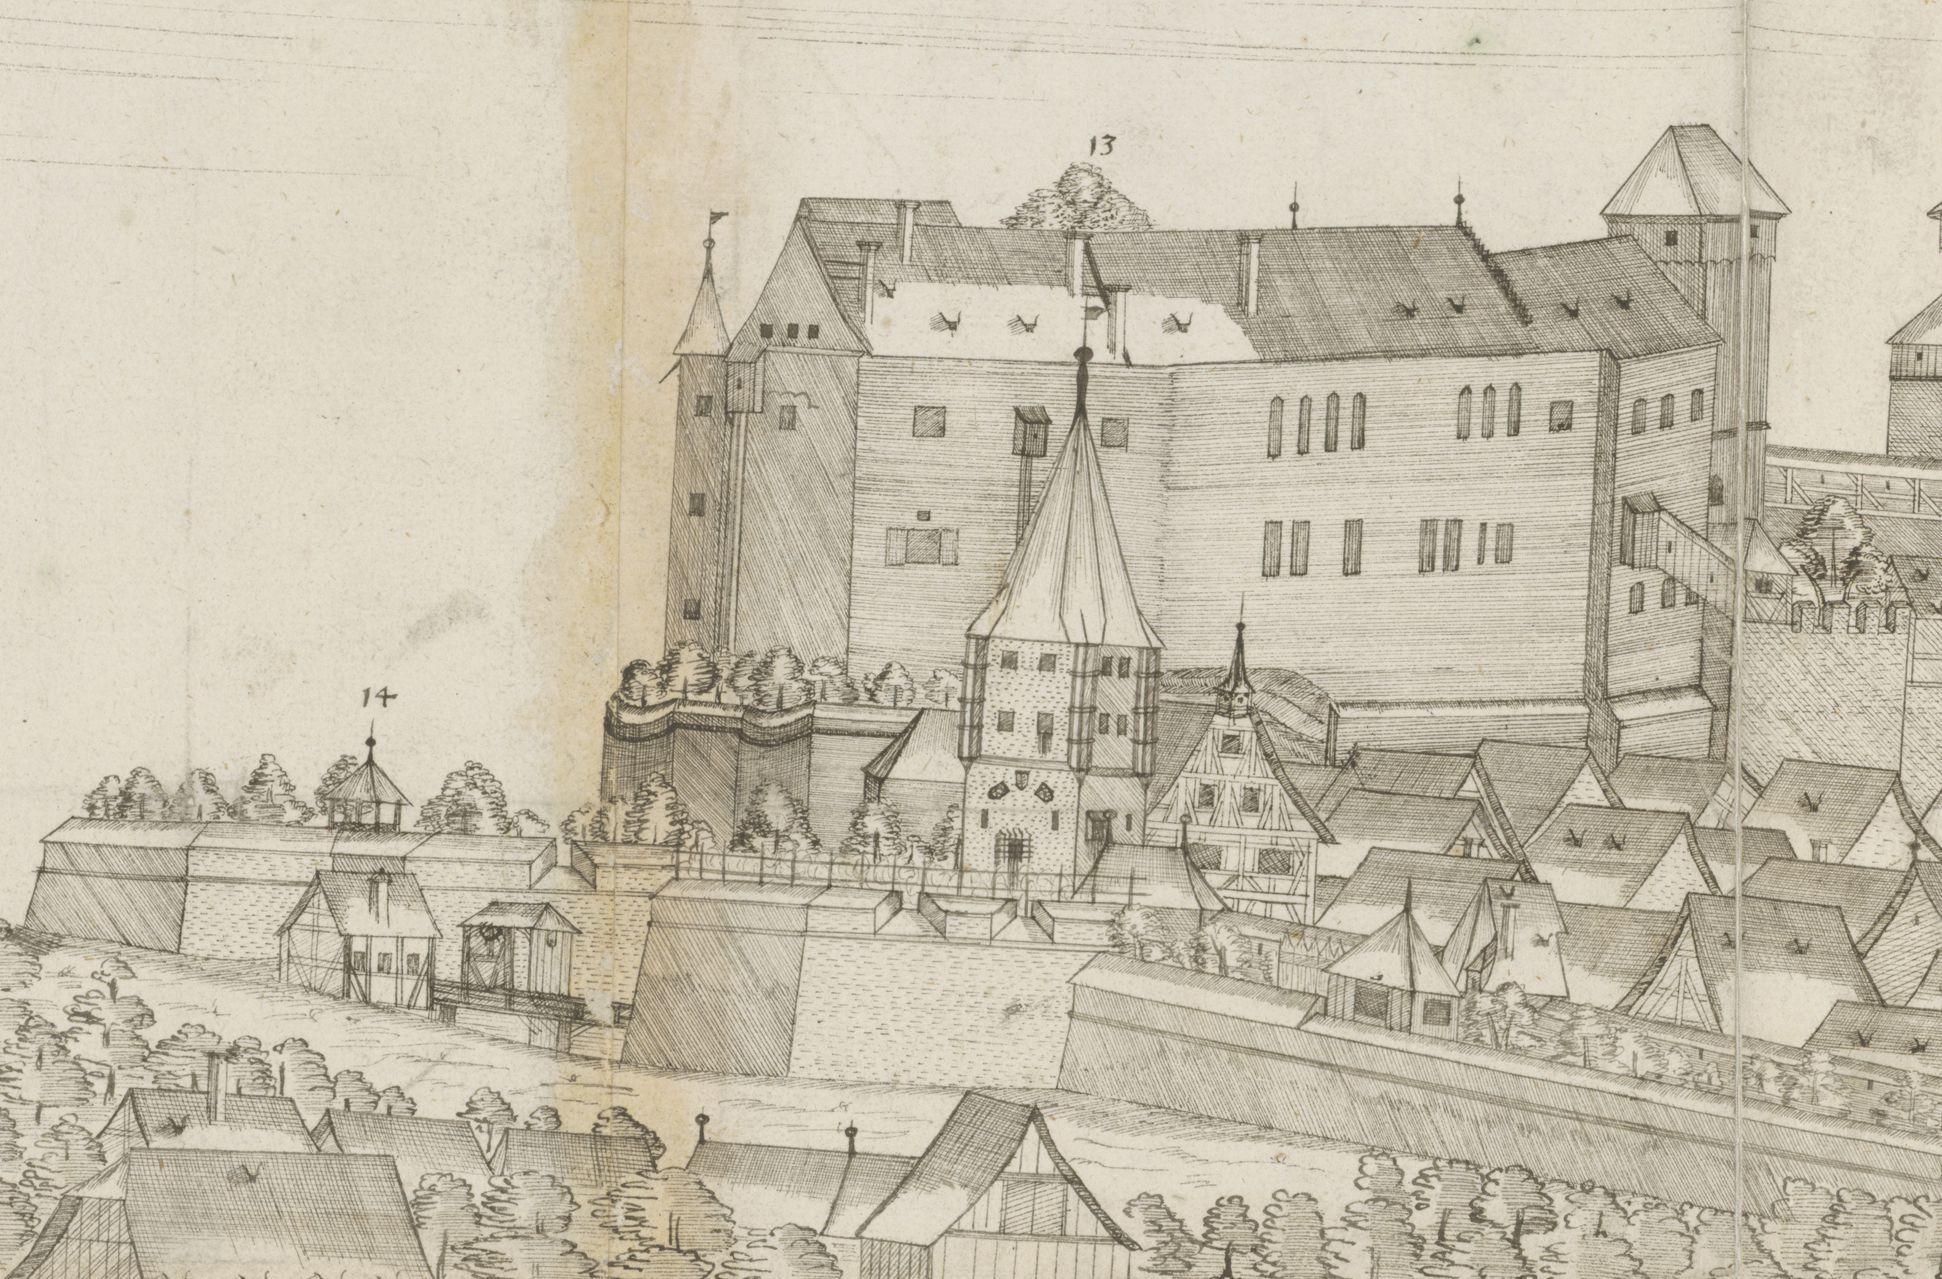 Panoramadarstellung der Stadt Nürnberg von Westen Westpanorama, Detail mit Neutorgraben, Tiergärtnertoturm, Burgpalas, -kapelle mit Heidenturm